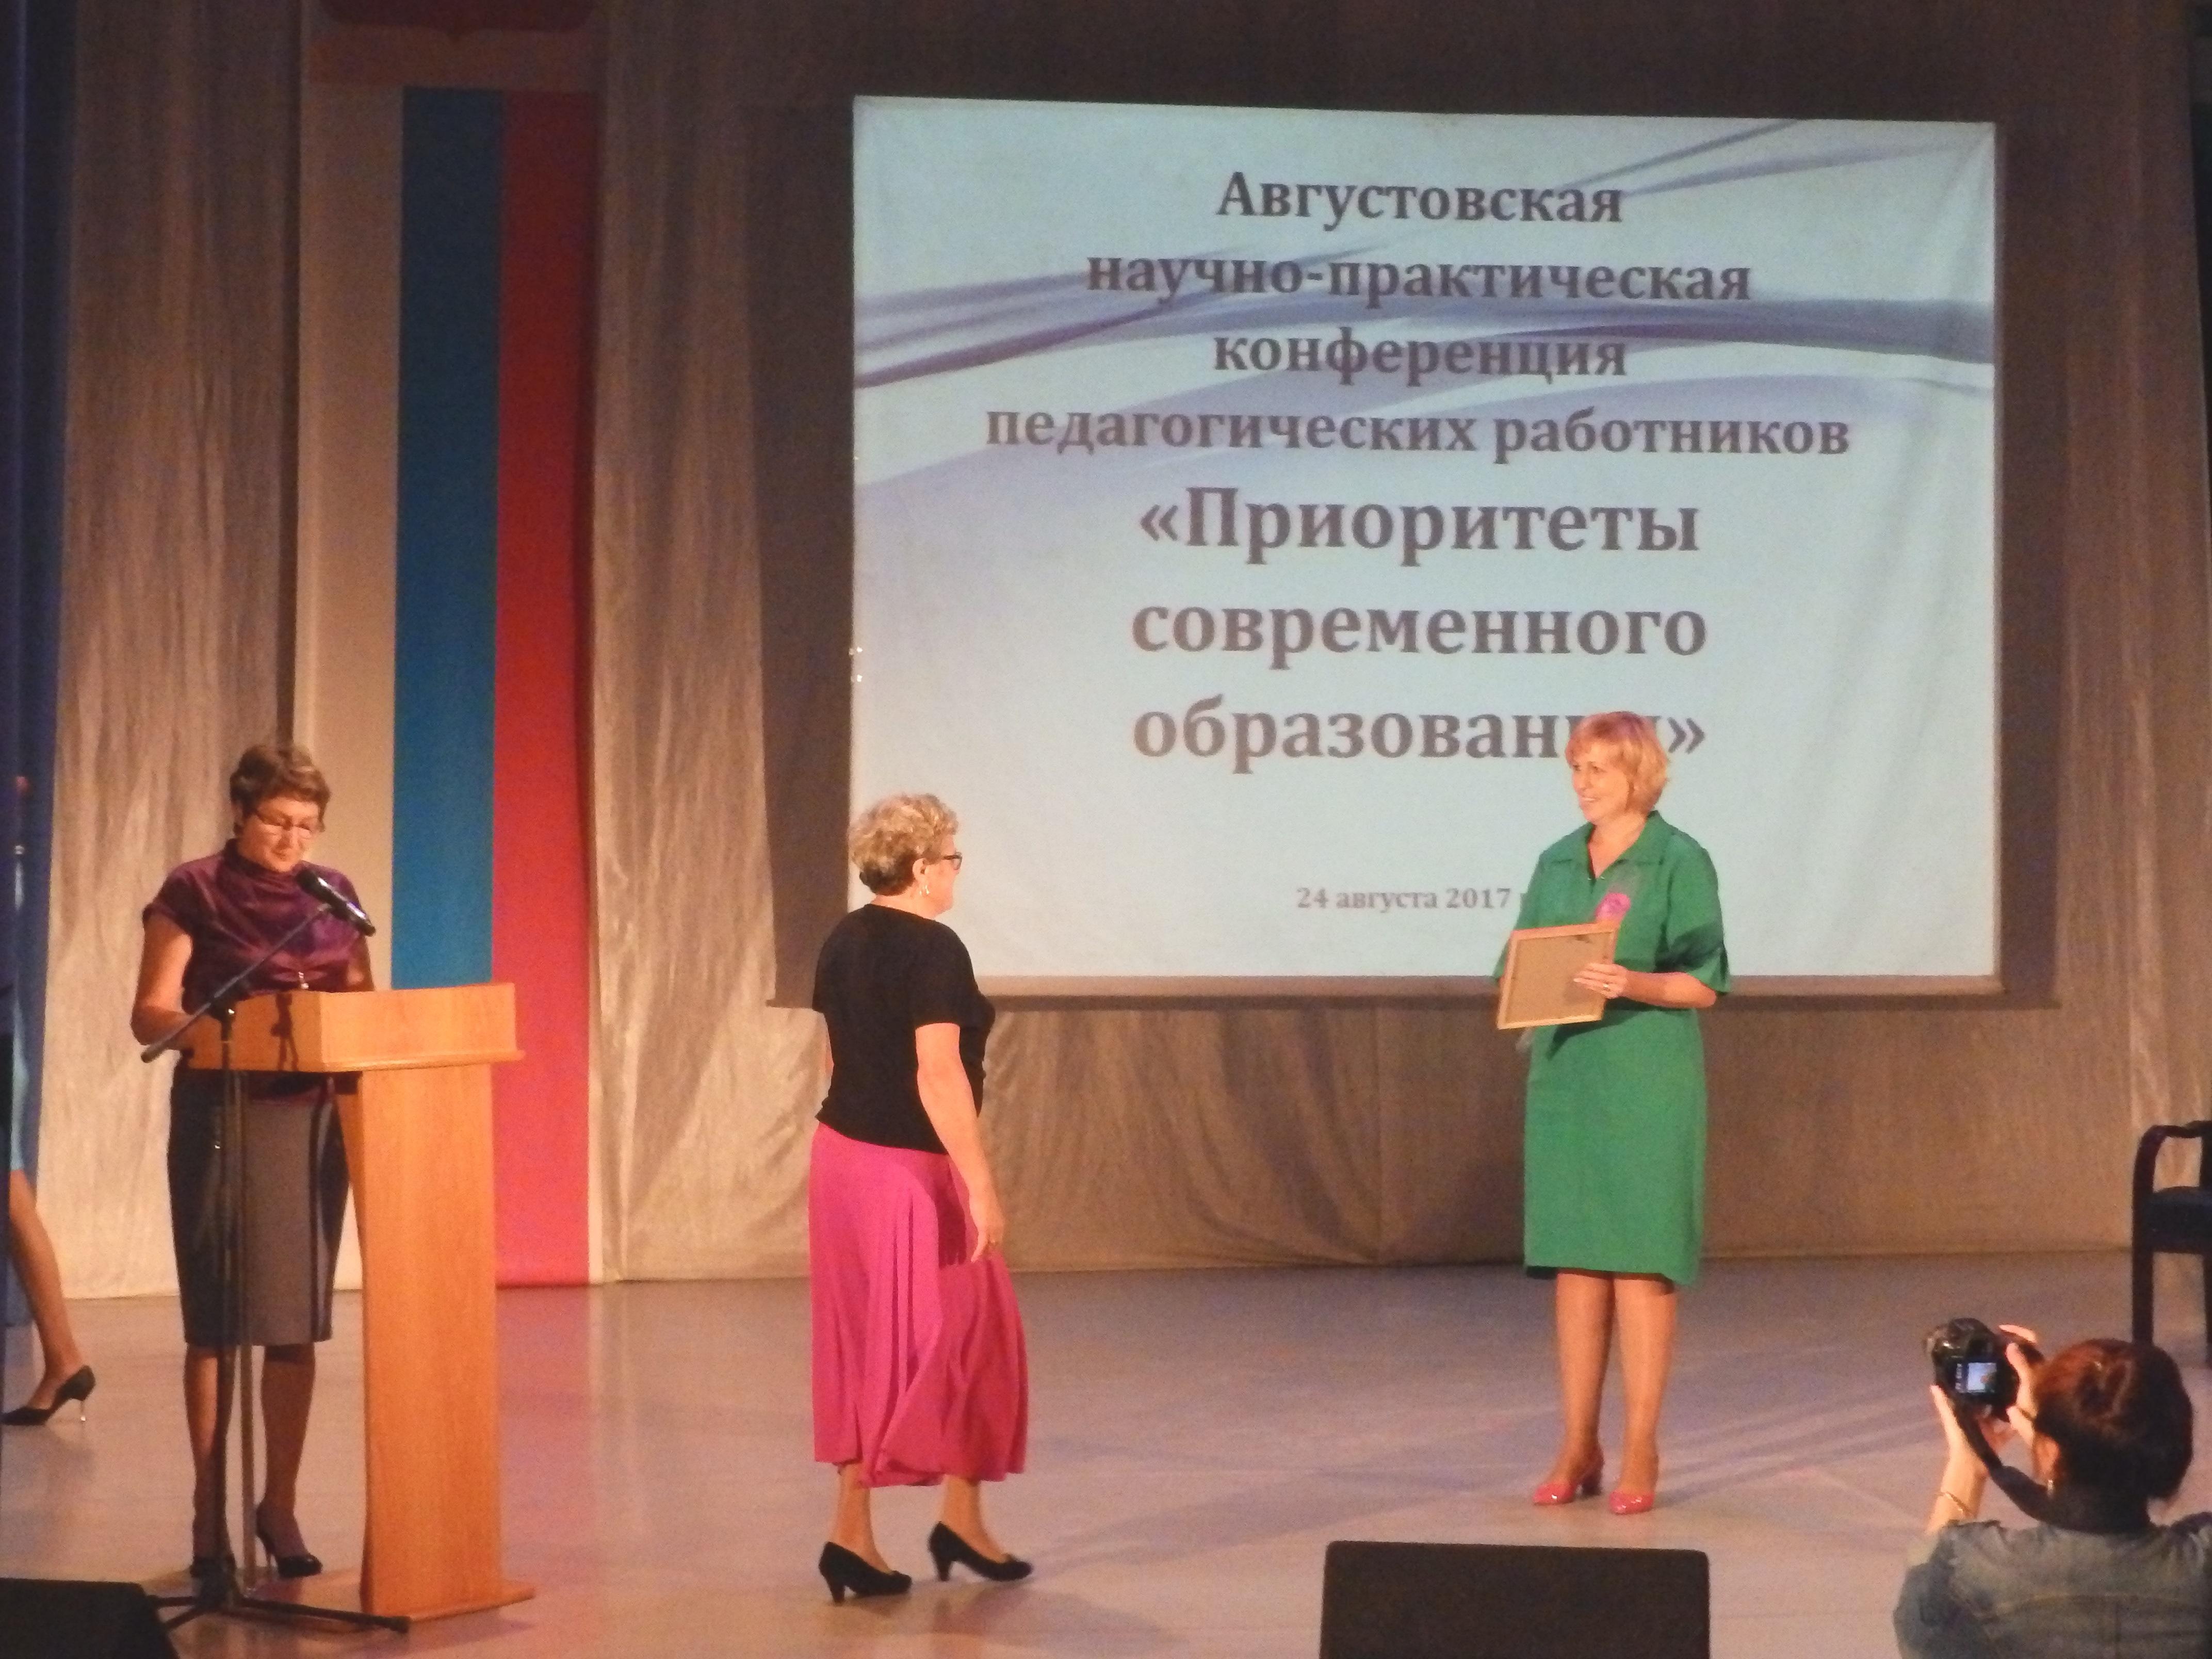 Поздравление на августовской конференции для педагогов